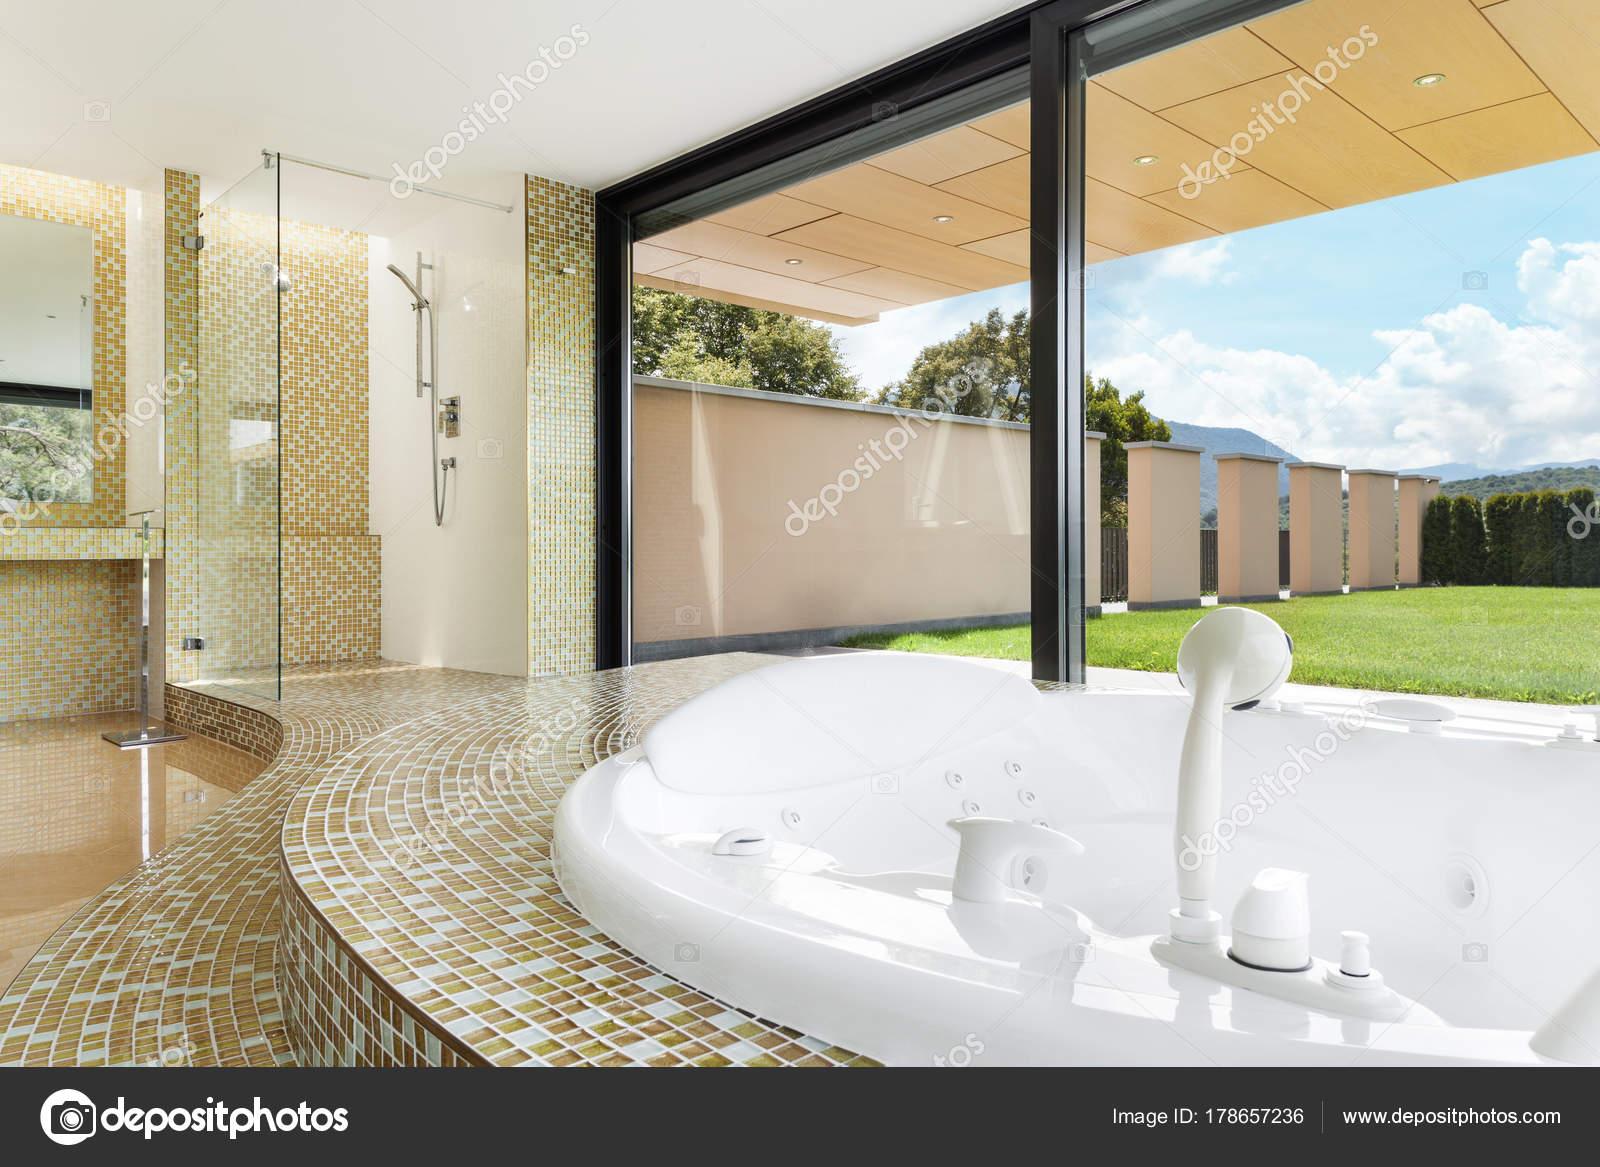 belle salle de bain avec jacuzzi — Photographie Zveiger © #178657236